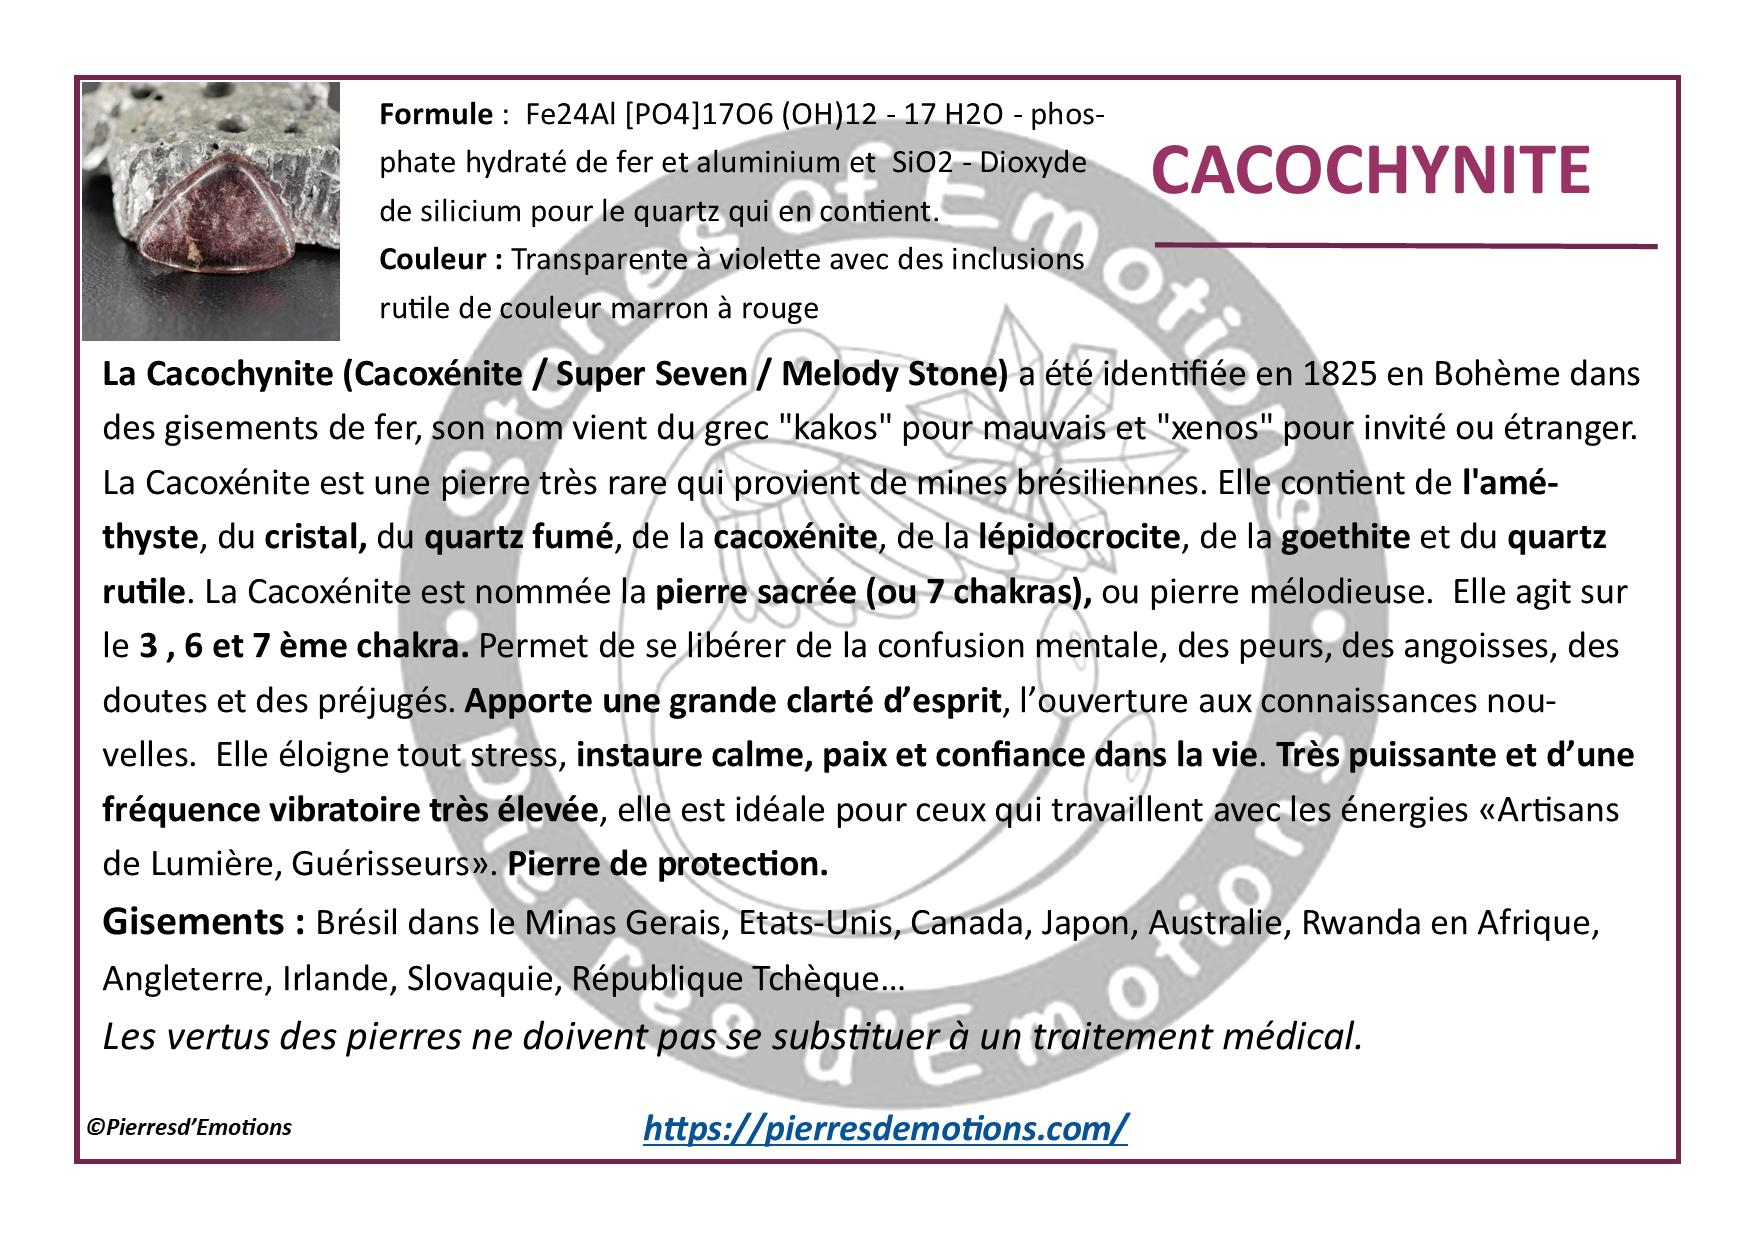 Cacochynite